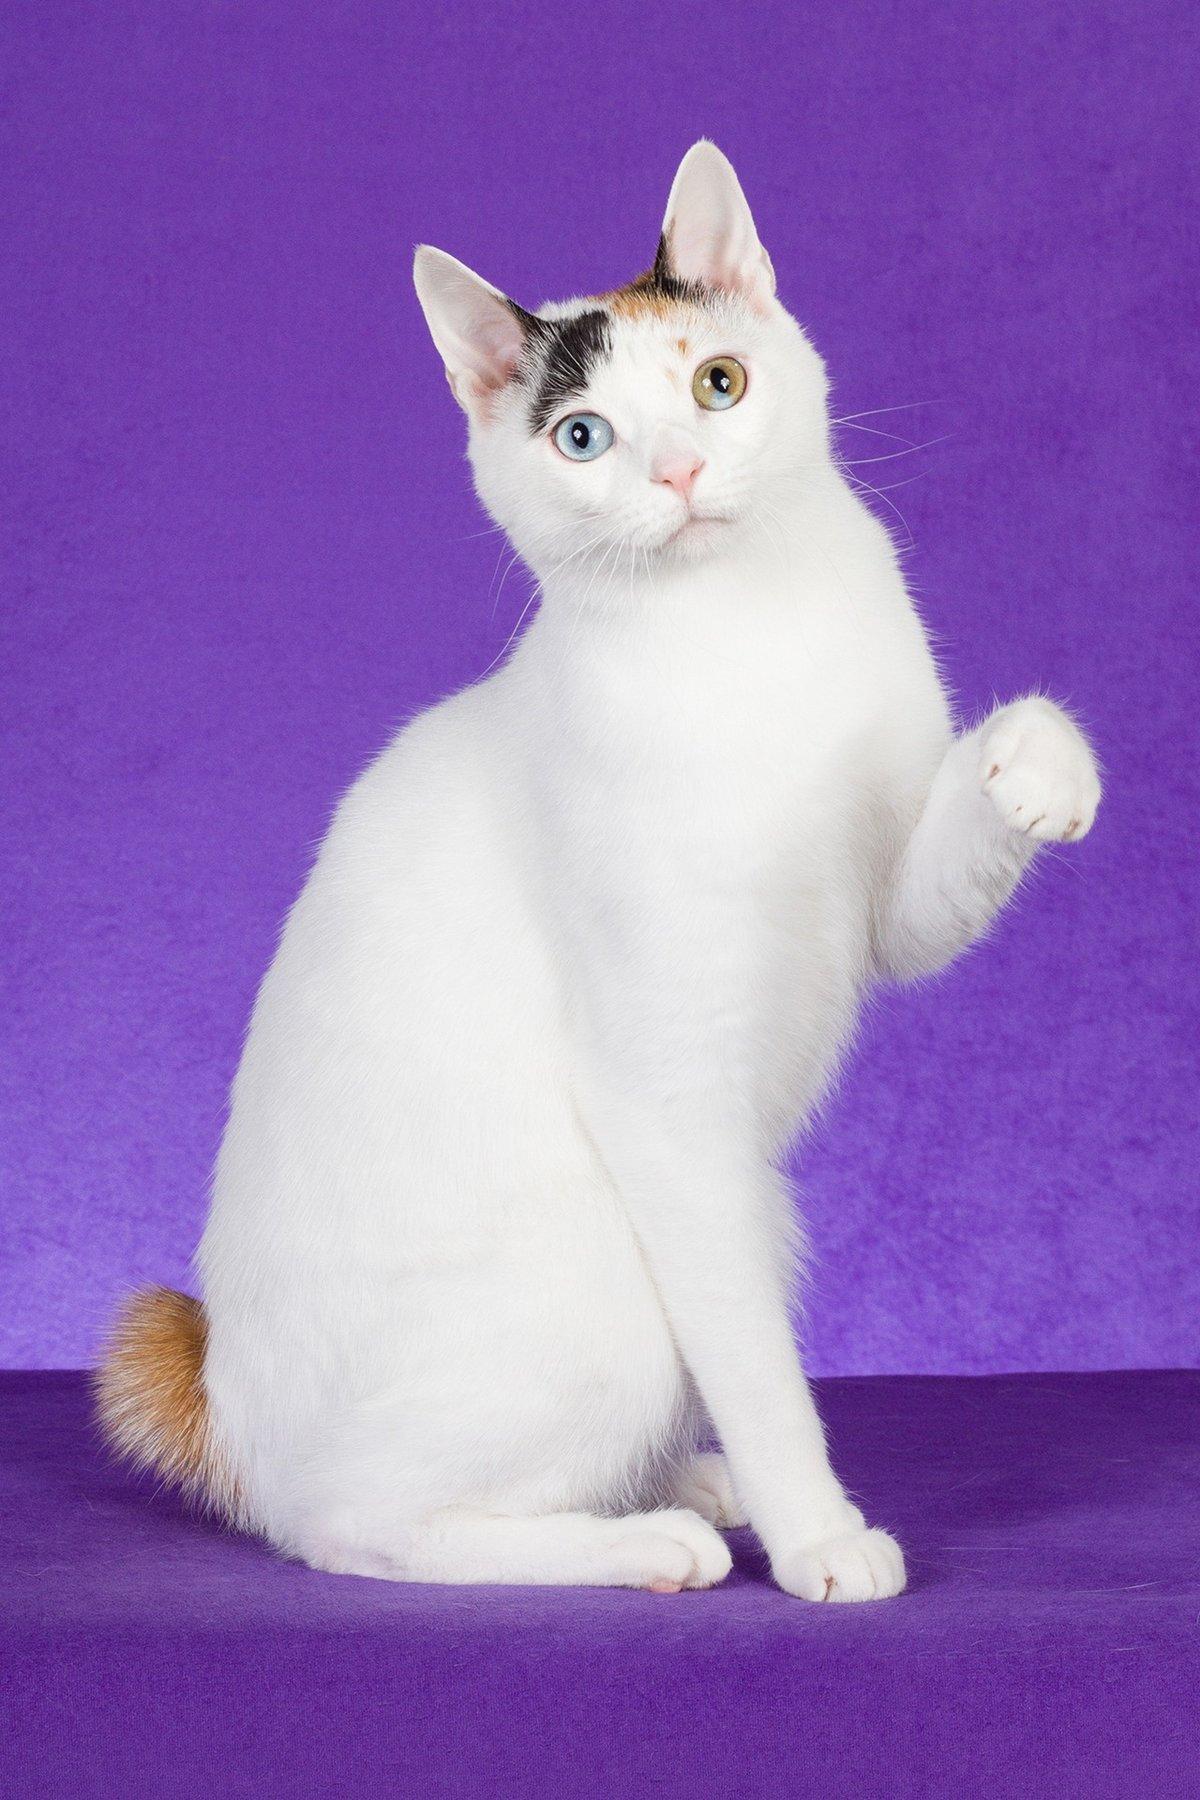 жо?та картинки кошки японский бобтейл миндальный синоним